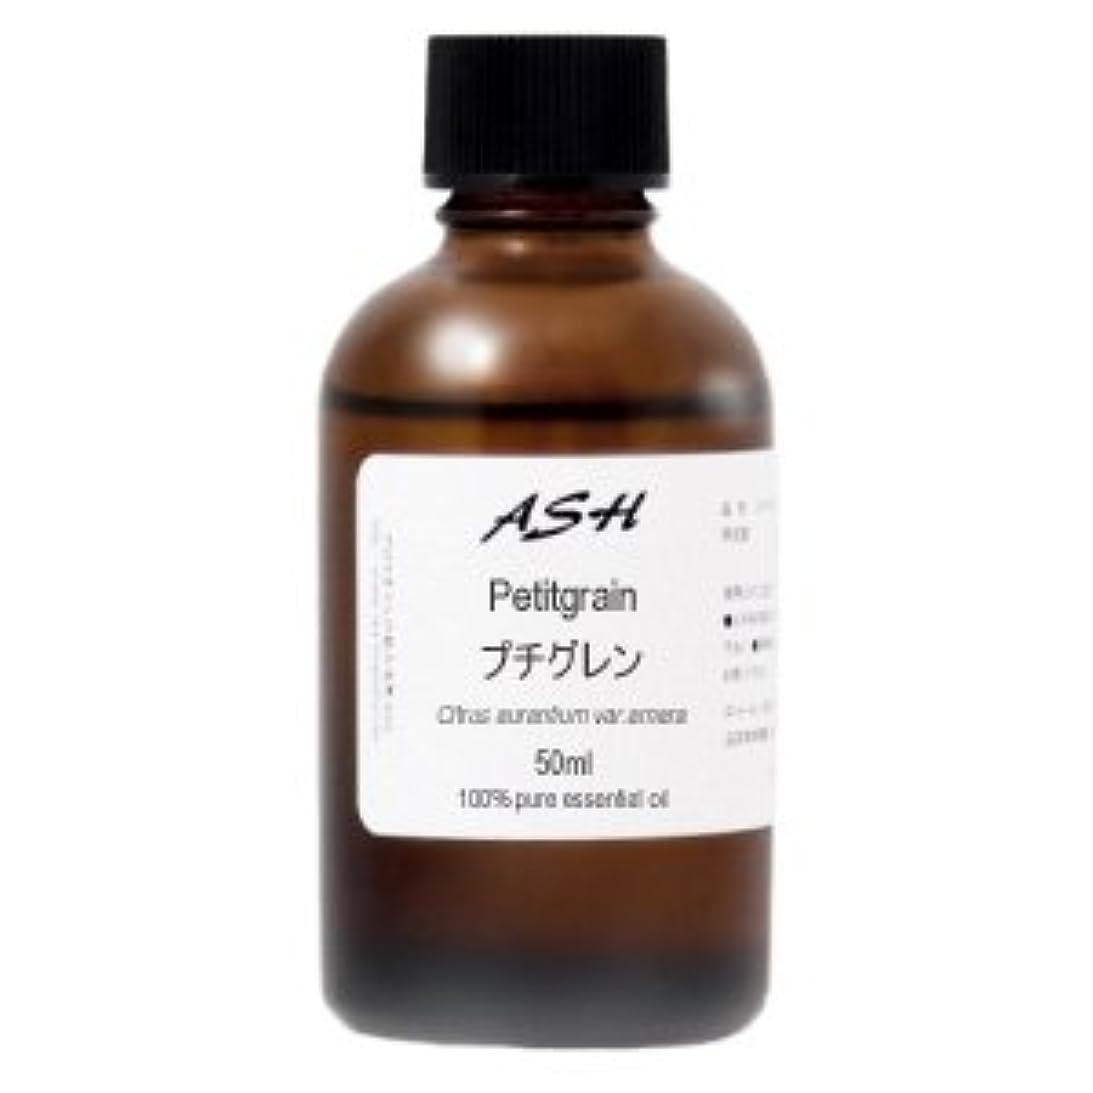 年次値ミュージカルASH プチグレン エッセンシャルオイル 50ml AEAJ表示基準適合認定精油